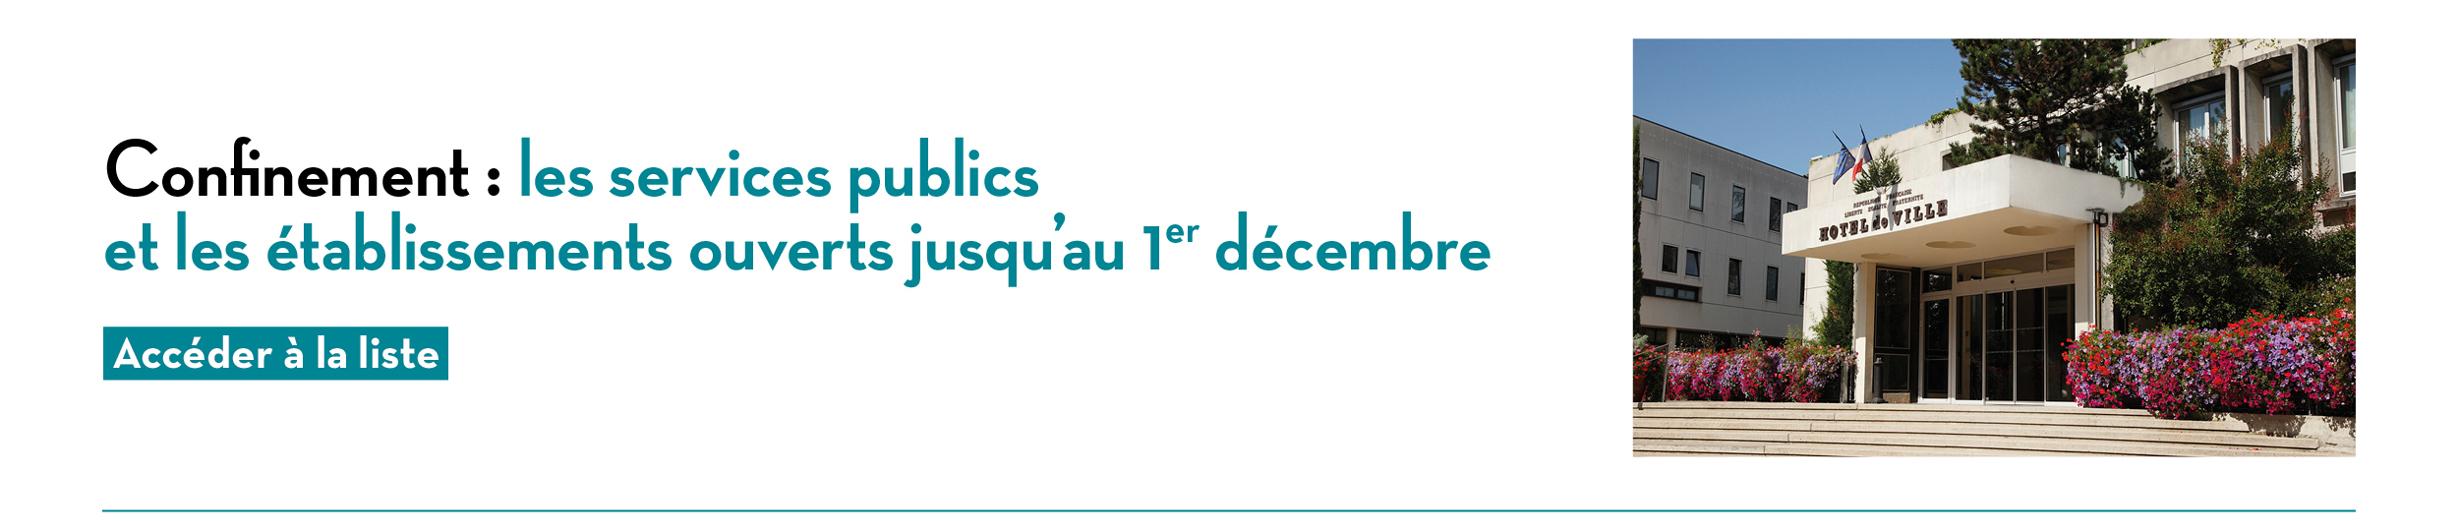 Confinement : les services publics et les établissements ouverts jusqu'au 1er décembre